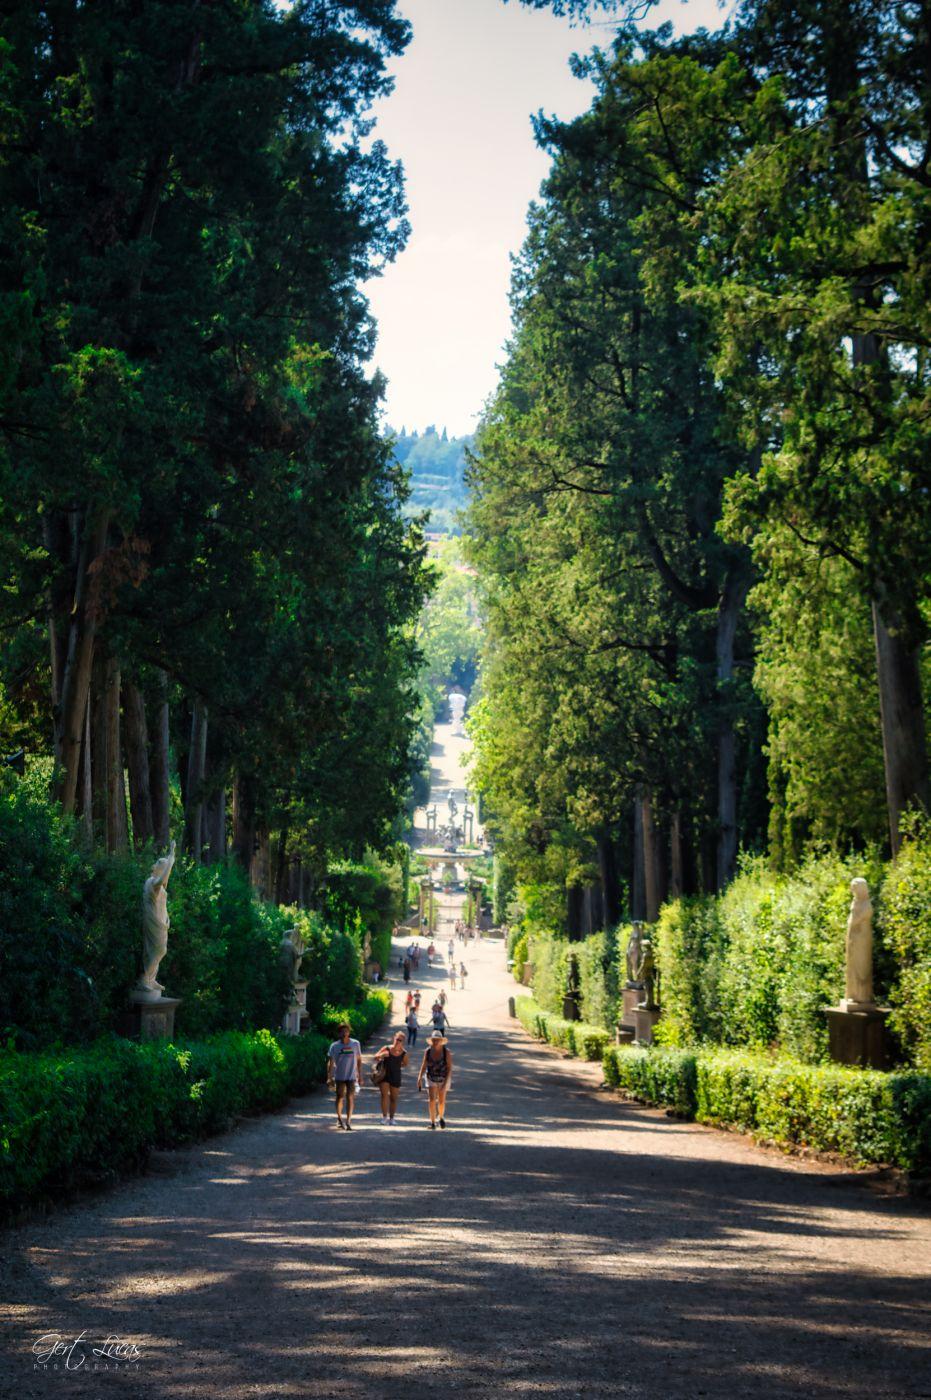 Giardino Di Boboli, Italy